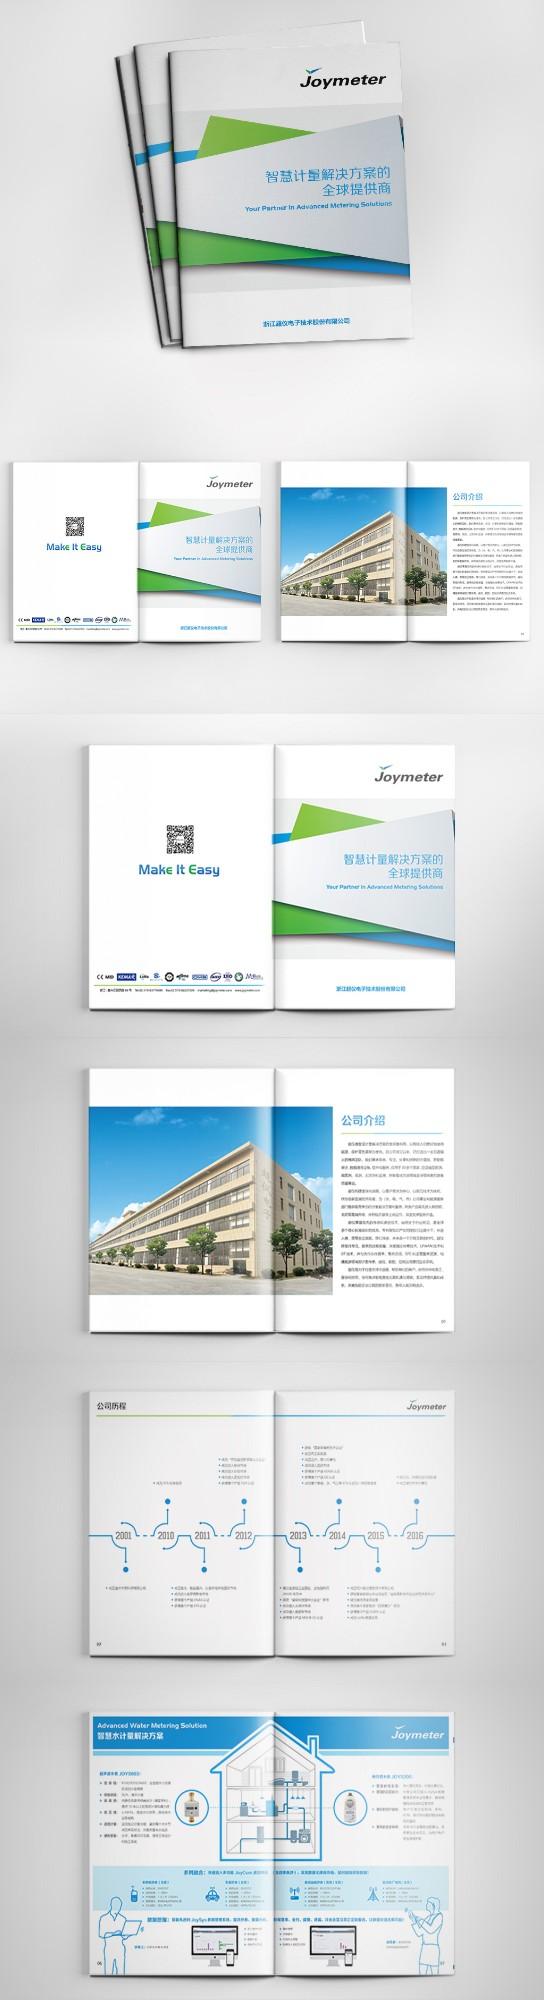 超仪科技画册设计